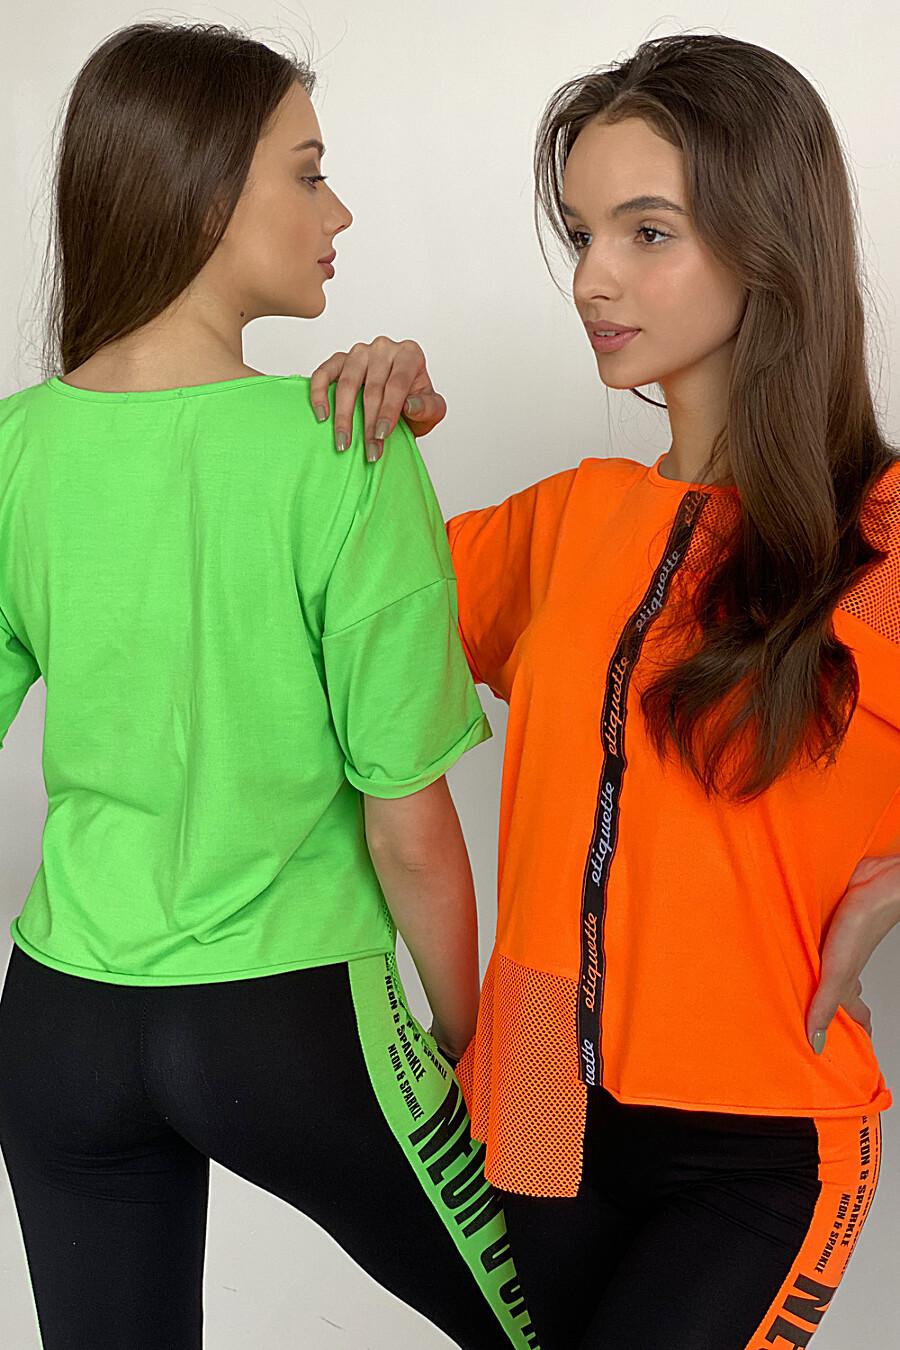 Футболка 8078 для женщин НАТАЛИ 649585 купить оптом от производителя. Совместная покупка женской одежды в OptMoyo